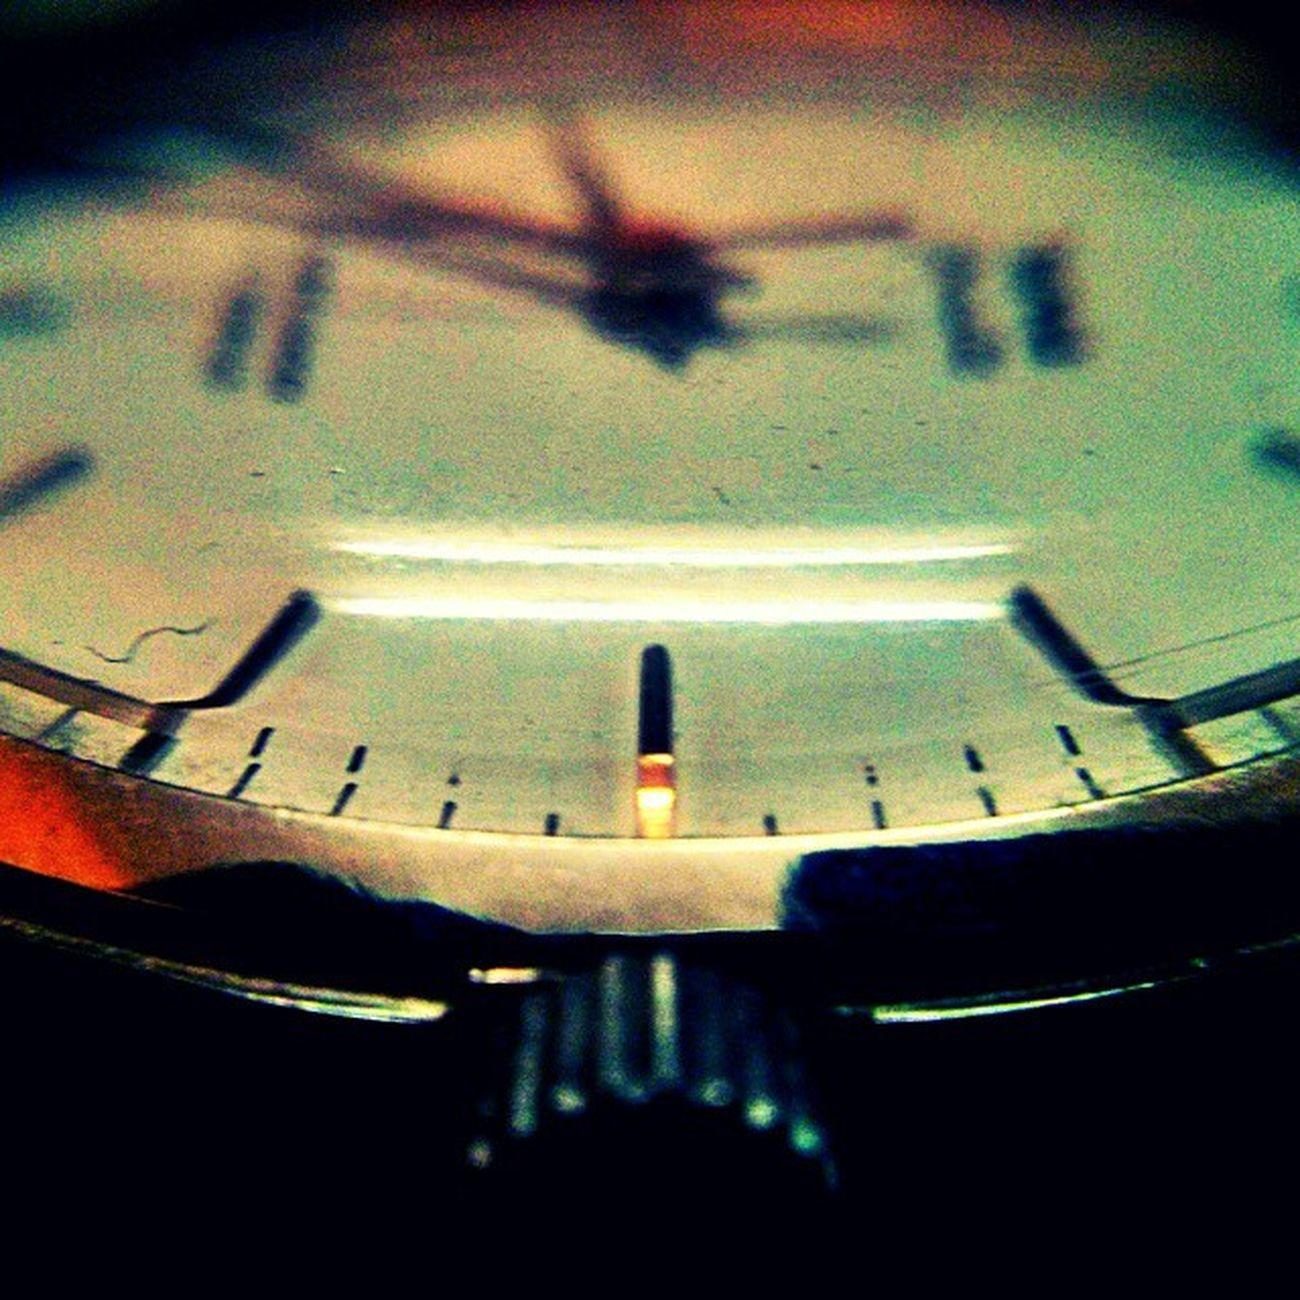 Macrolenses Hmtjanata Watchesofinstagram Watchporn Watchgeek